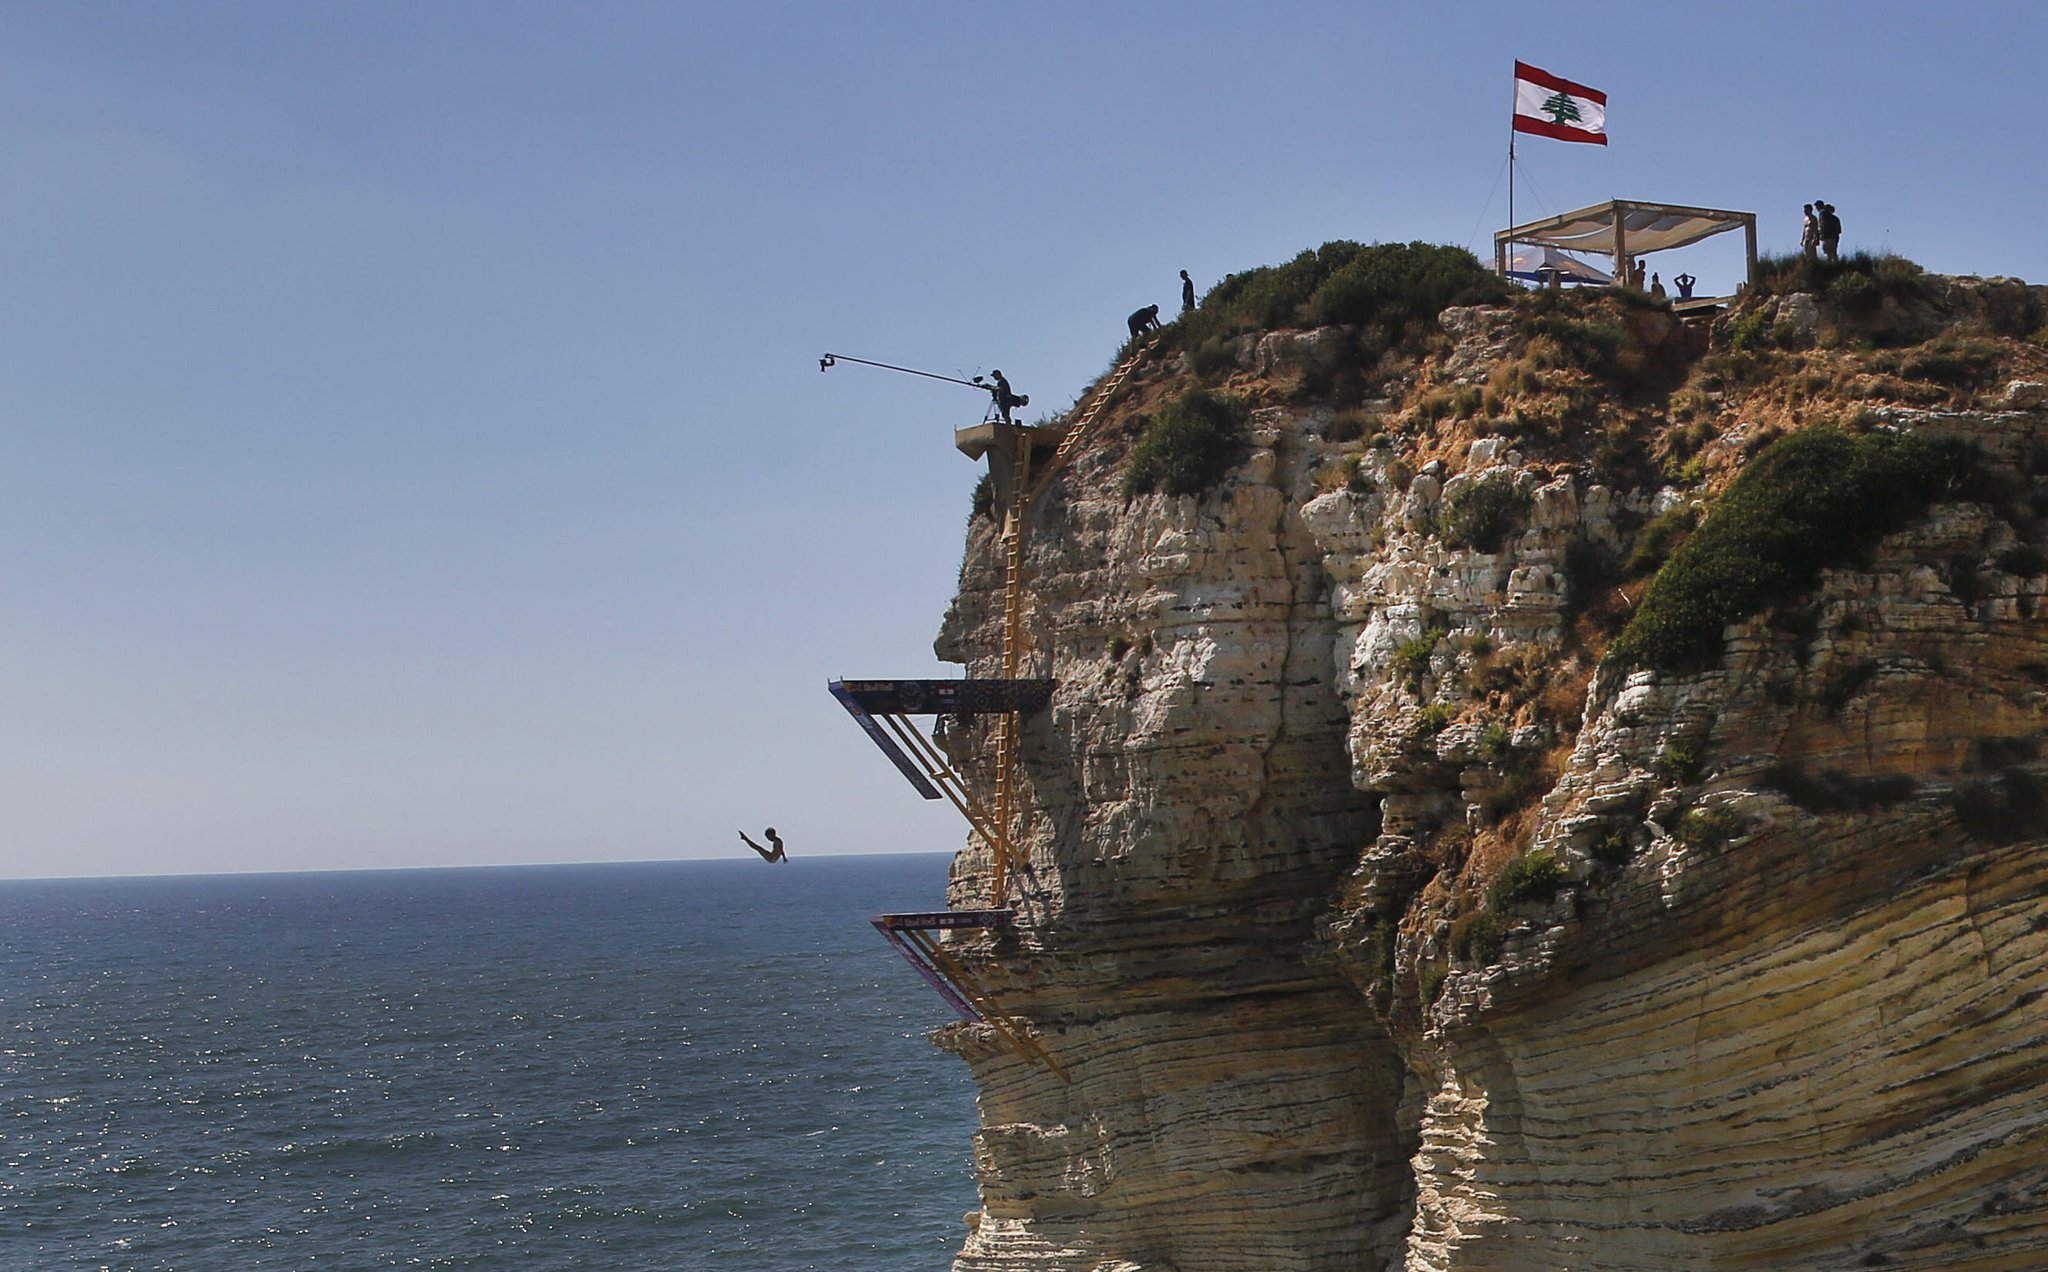 '레드불 클리프 다이빙 월드시리즈' 대회가 열린 레바논 베이루트의 라우체 바다 바위 위에서 14일(현지시간) 한 선수가 절벽아래로 다이빙을 하고 있다. [AP=연합뉴스]